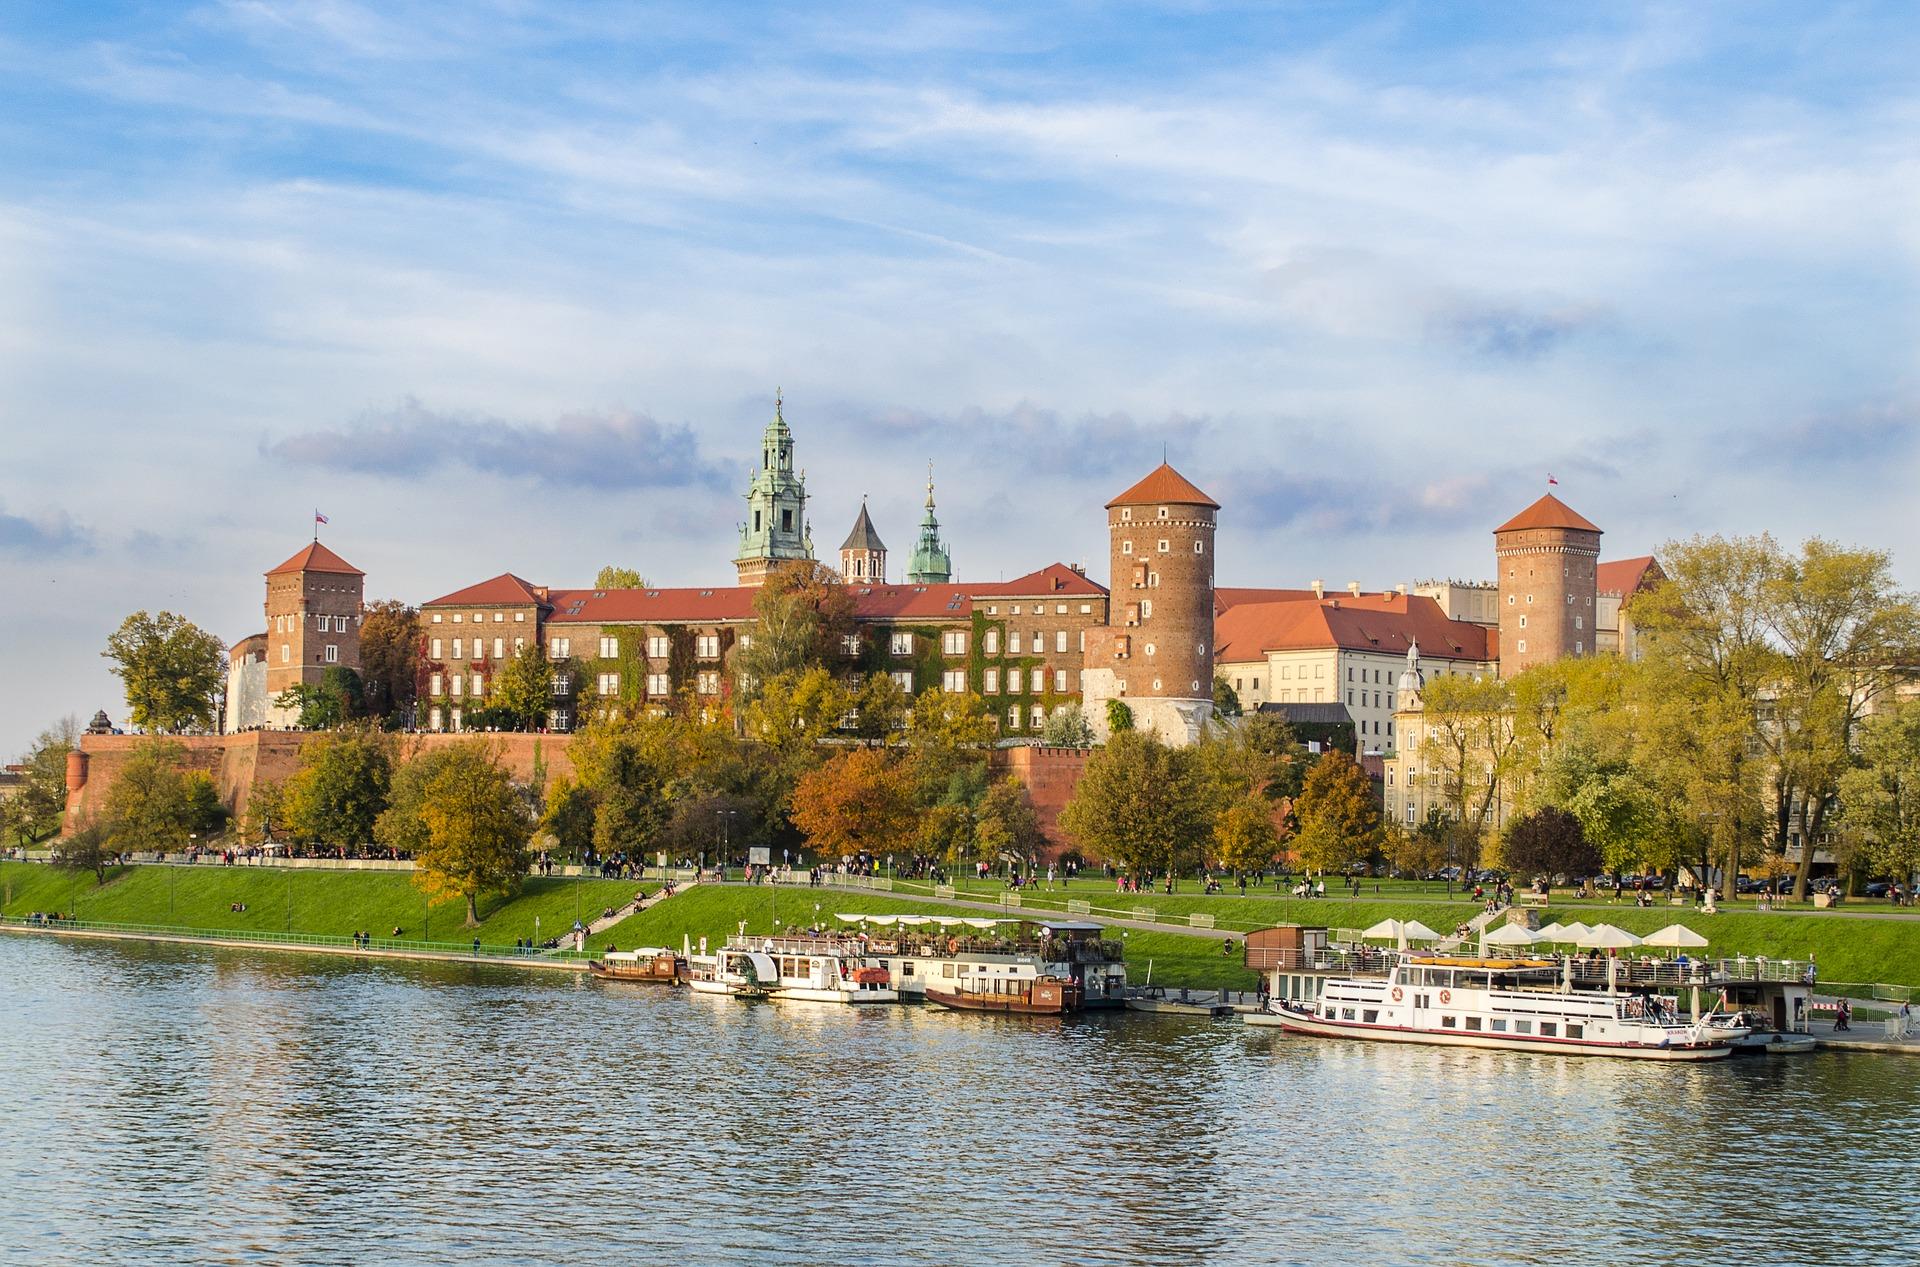 Beautiful view on Wawel Castle in Krakow, Poland